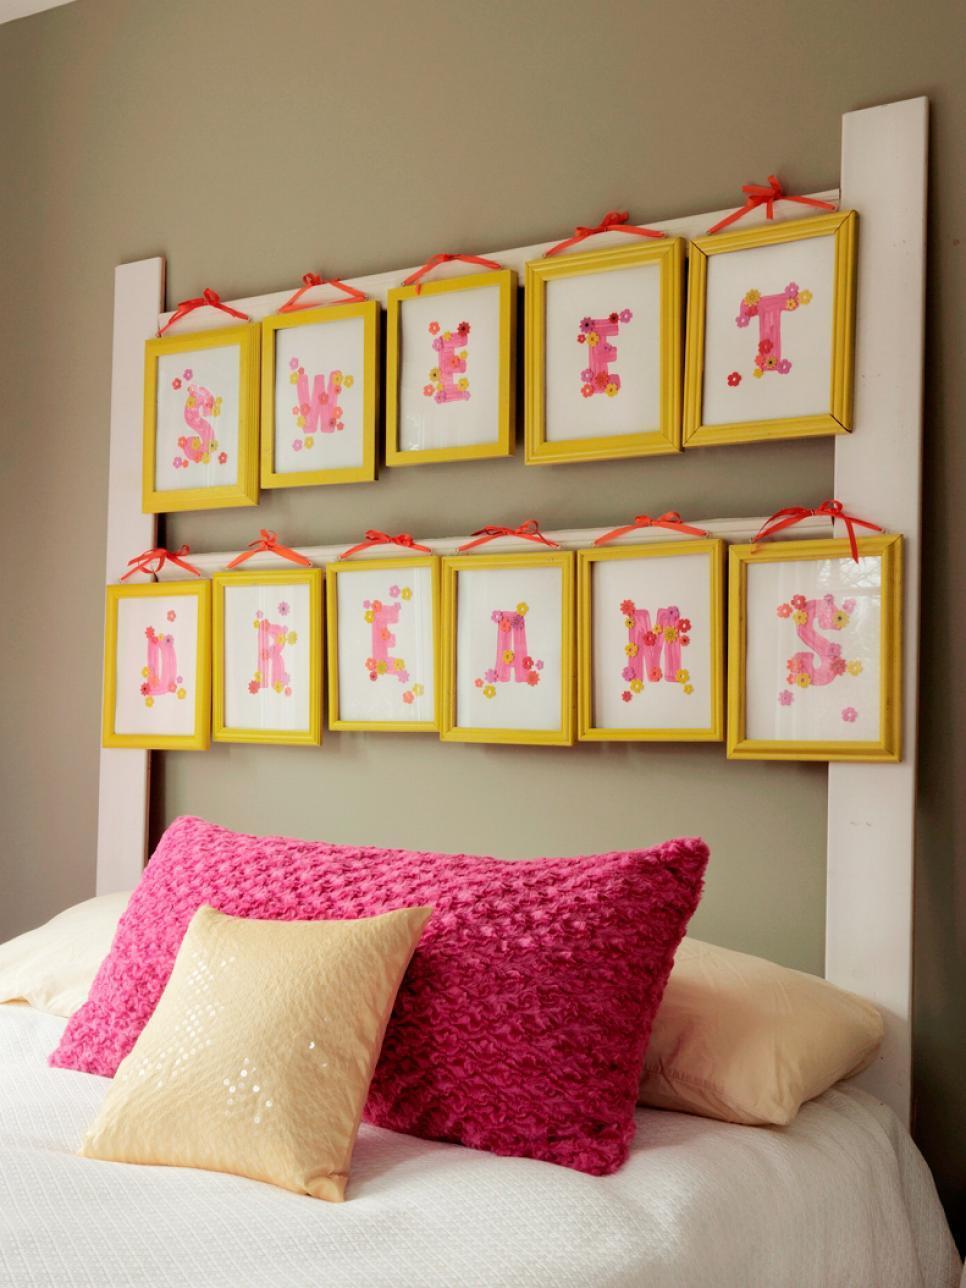 20 ไอเดียการตกแต่งหัวเตียงแบบ D.I.Y เพื่อให้ความสวยงามแก่ห้องนอน รูปที่ 2